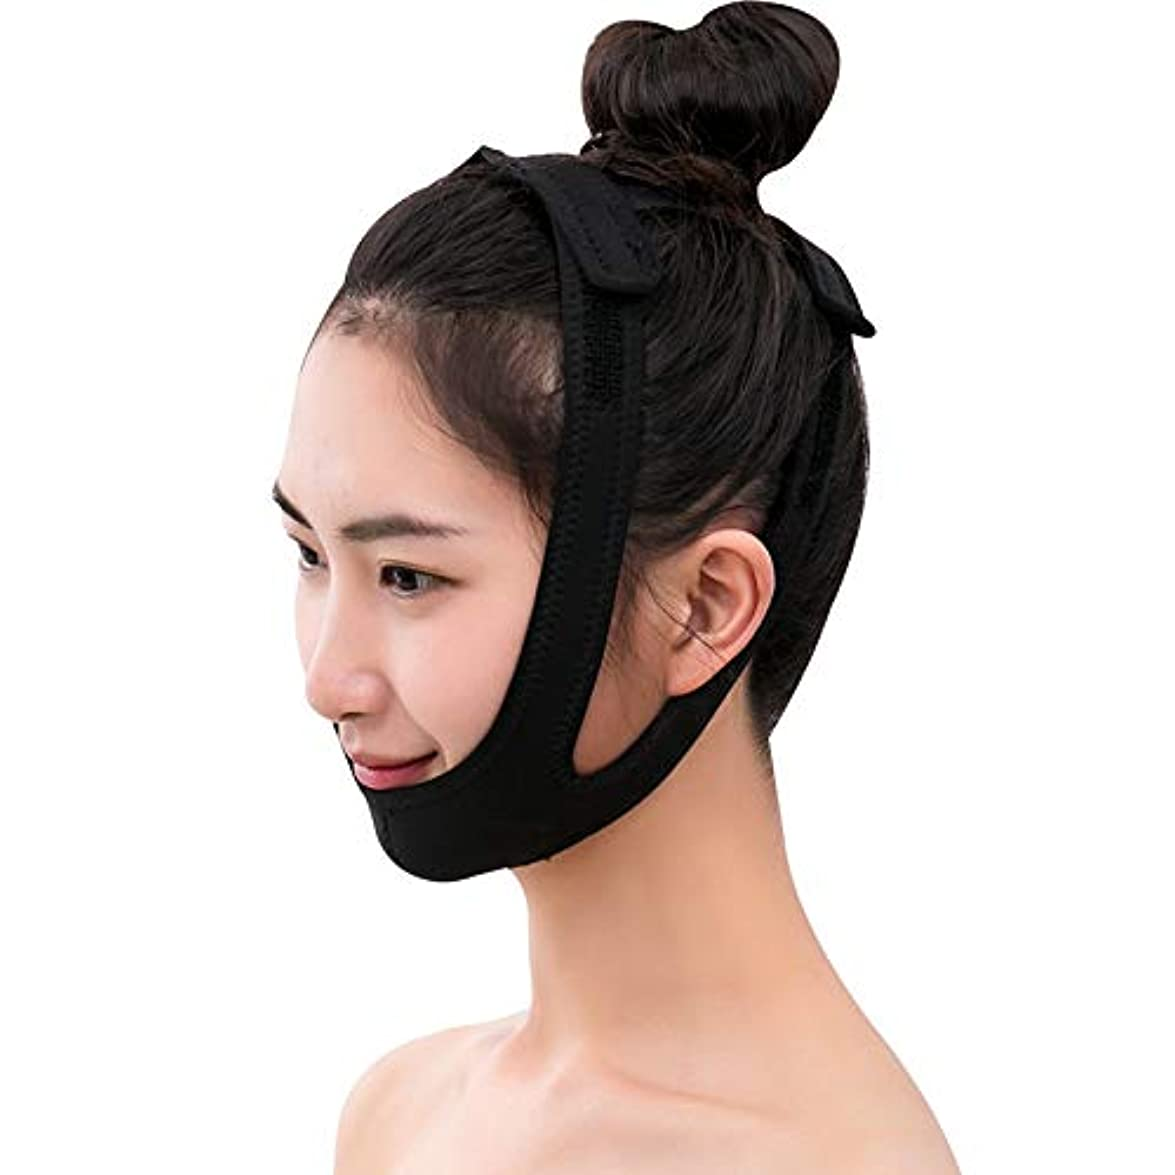 ループ失望仕立て屋Jia Jia- フェイシャルリフティング痩身ベルト圧縮二重あご減量ベルトスキンケア薄い顔包帯二重あごワークアウト 顔面包帯